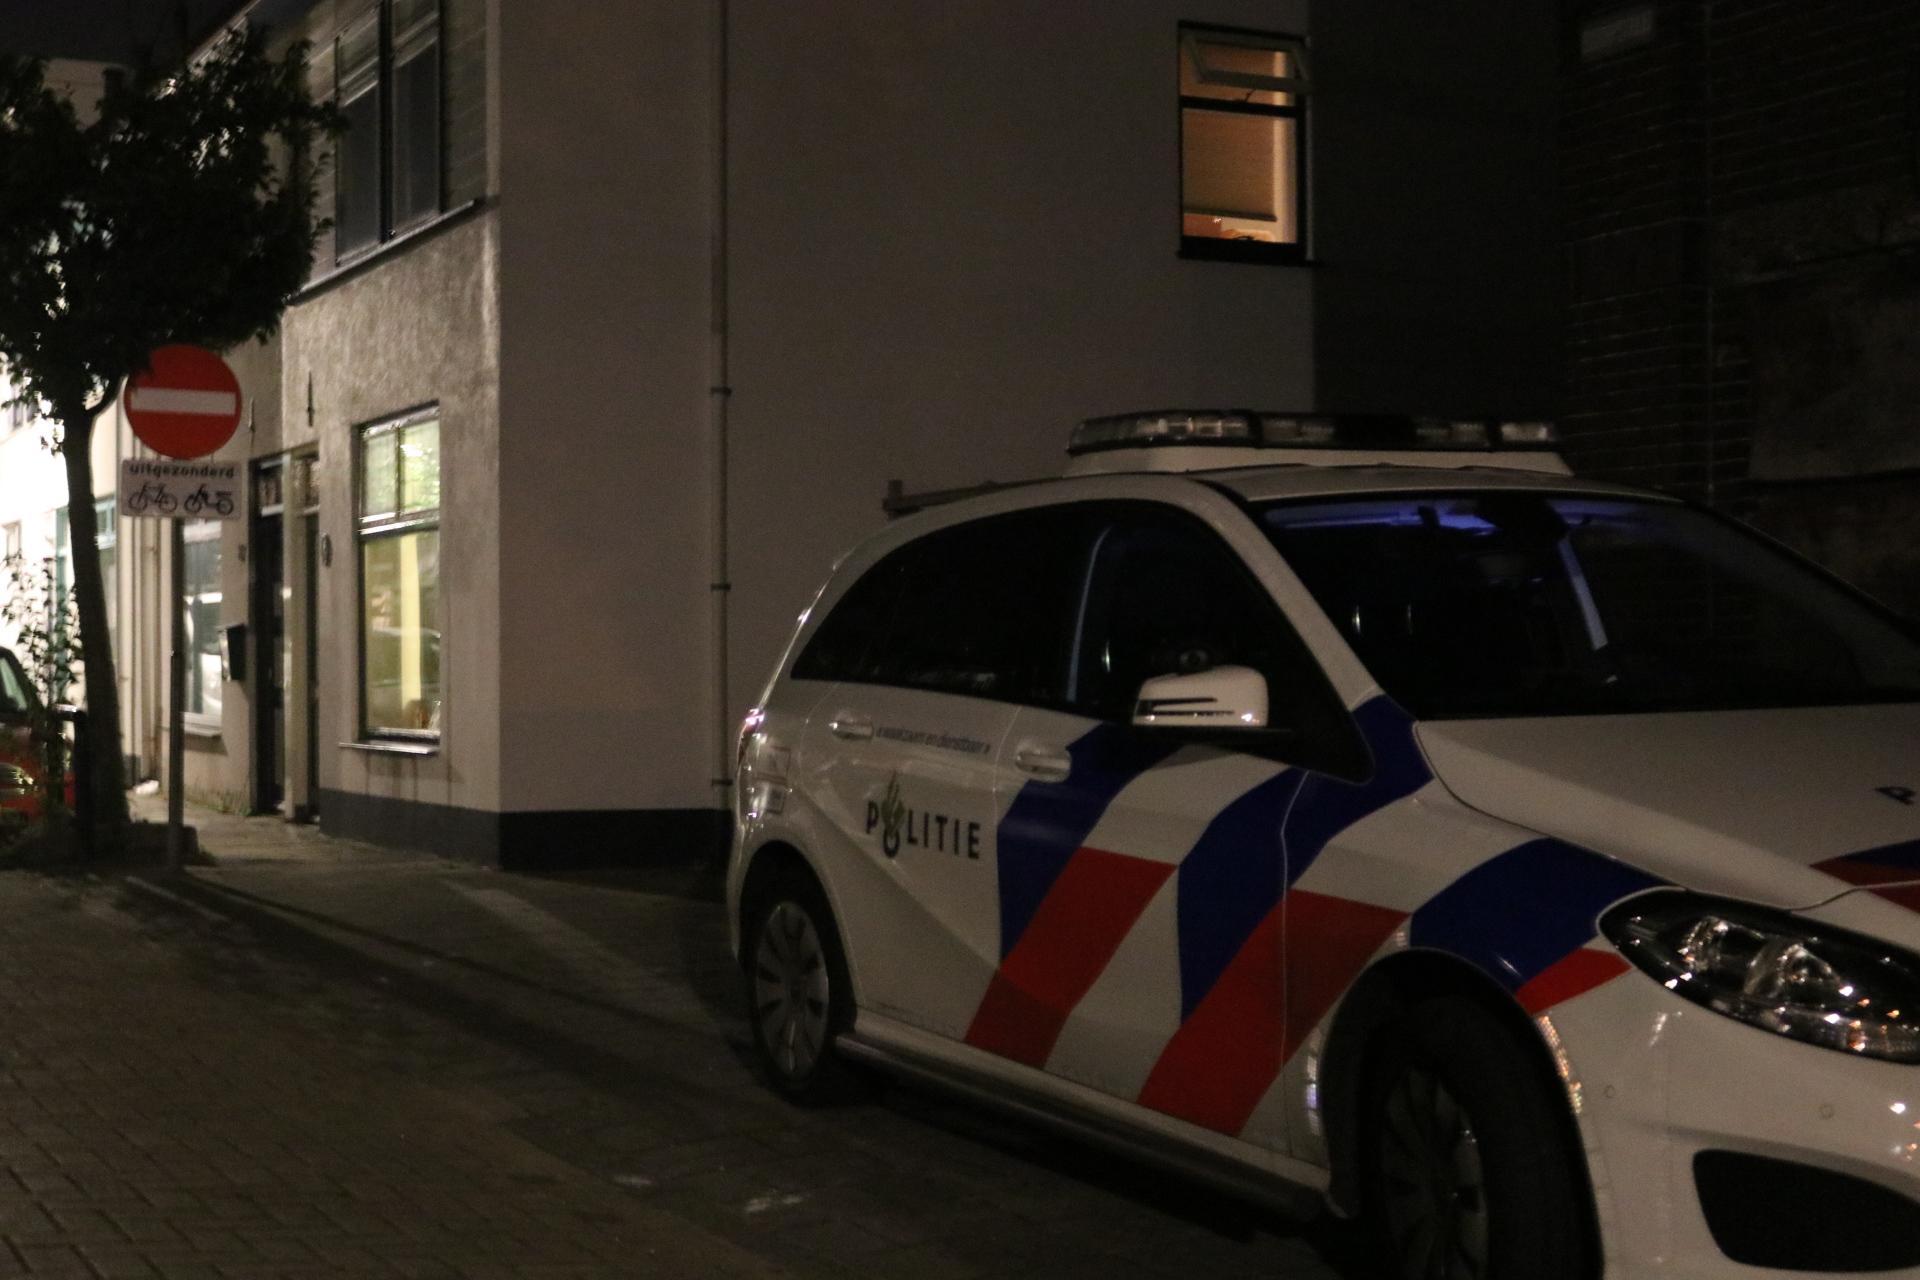 Inwoner Sassenheim gestoken nadat hij inbrekers op heterdaad betrapt; daders voortvluchtig